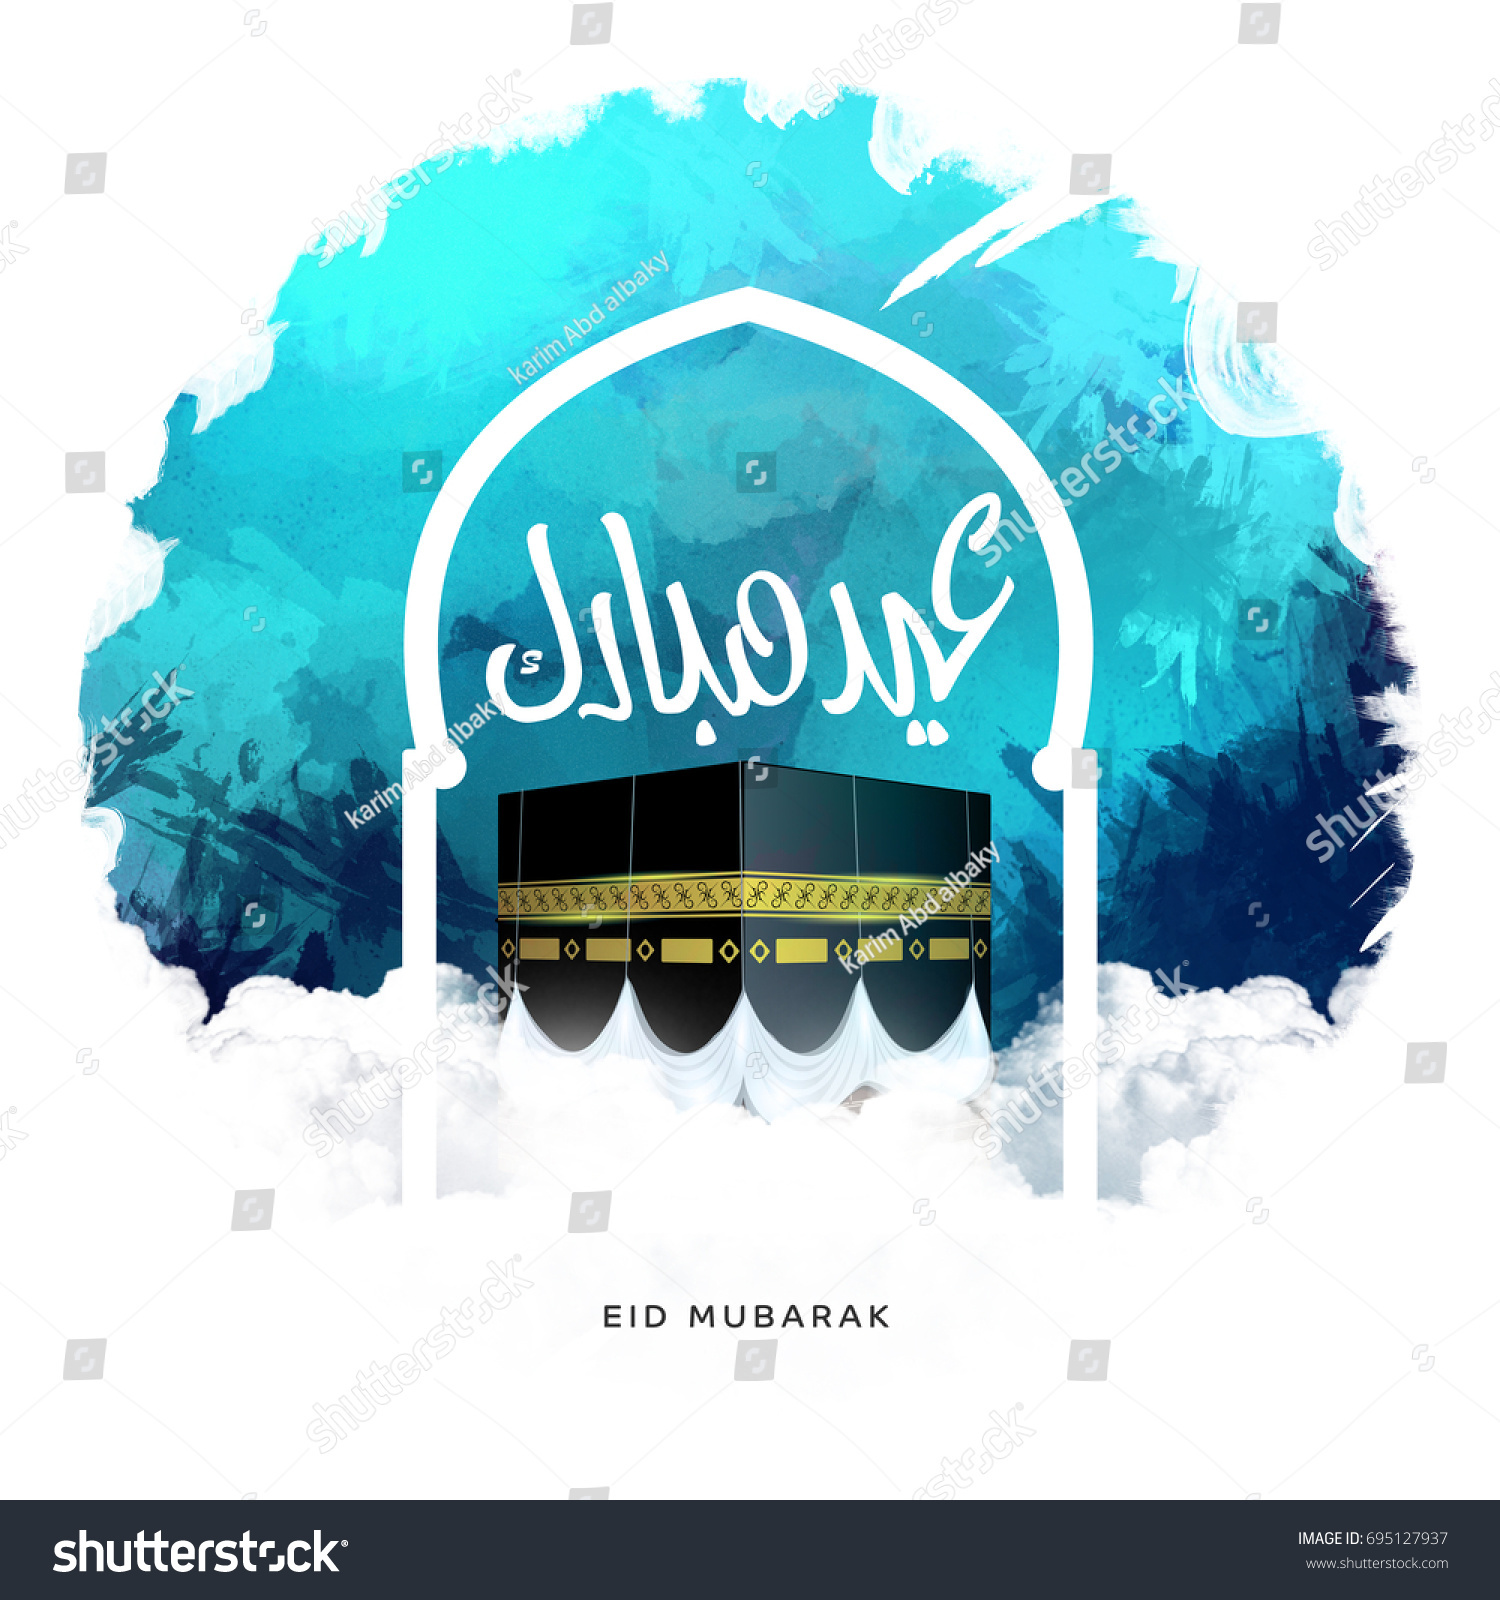 Wonderful Official Eid Al-Fitr Greeting - stock-photo-arabic-calligraphy-of-an-eid-greeting-happy-eid-al-adha-eid-al-fitr-eid-mubarak-beautiful-695127937  You Should Have_605436 .jpg